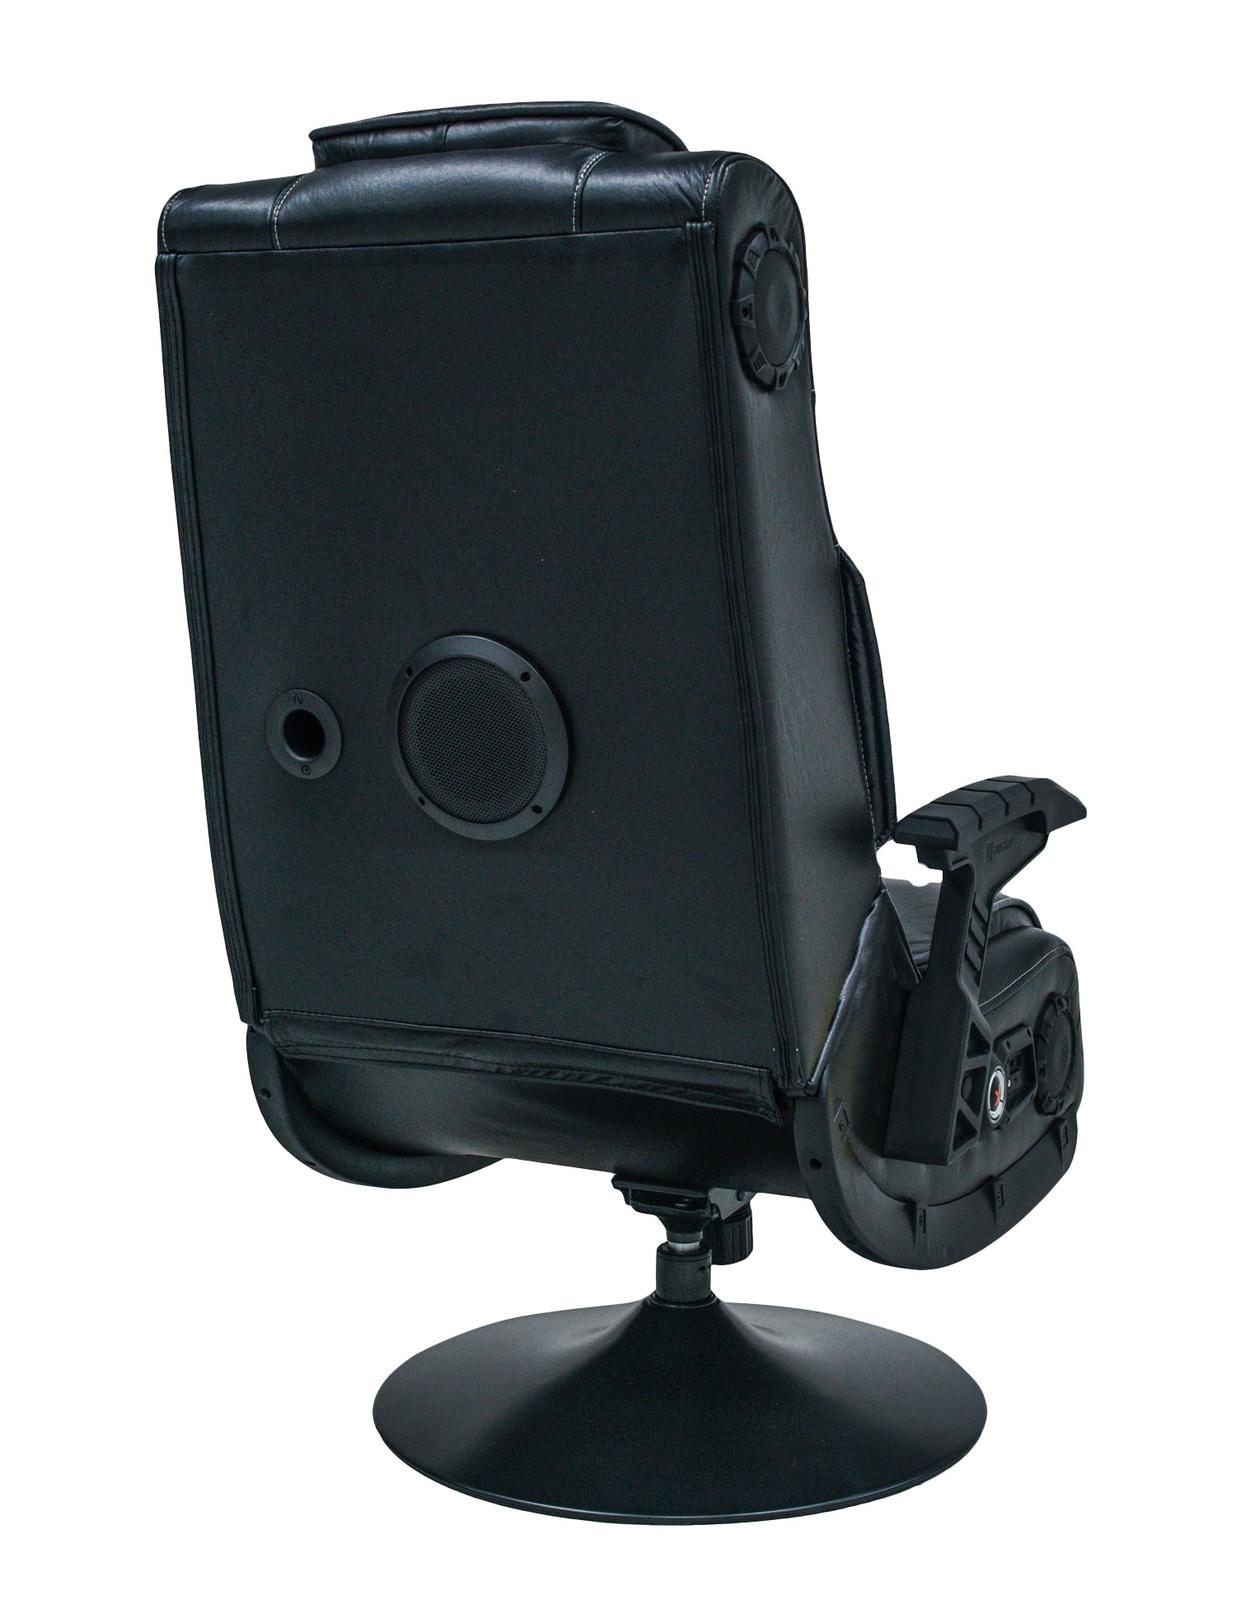 Brilliant X Rocker Pro Pedestal Wireless 4 1 Gaming Chair Uwap Interior Chair Design Uwaporg